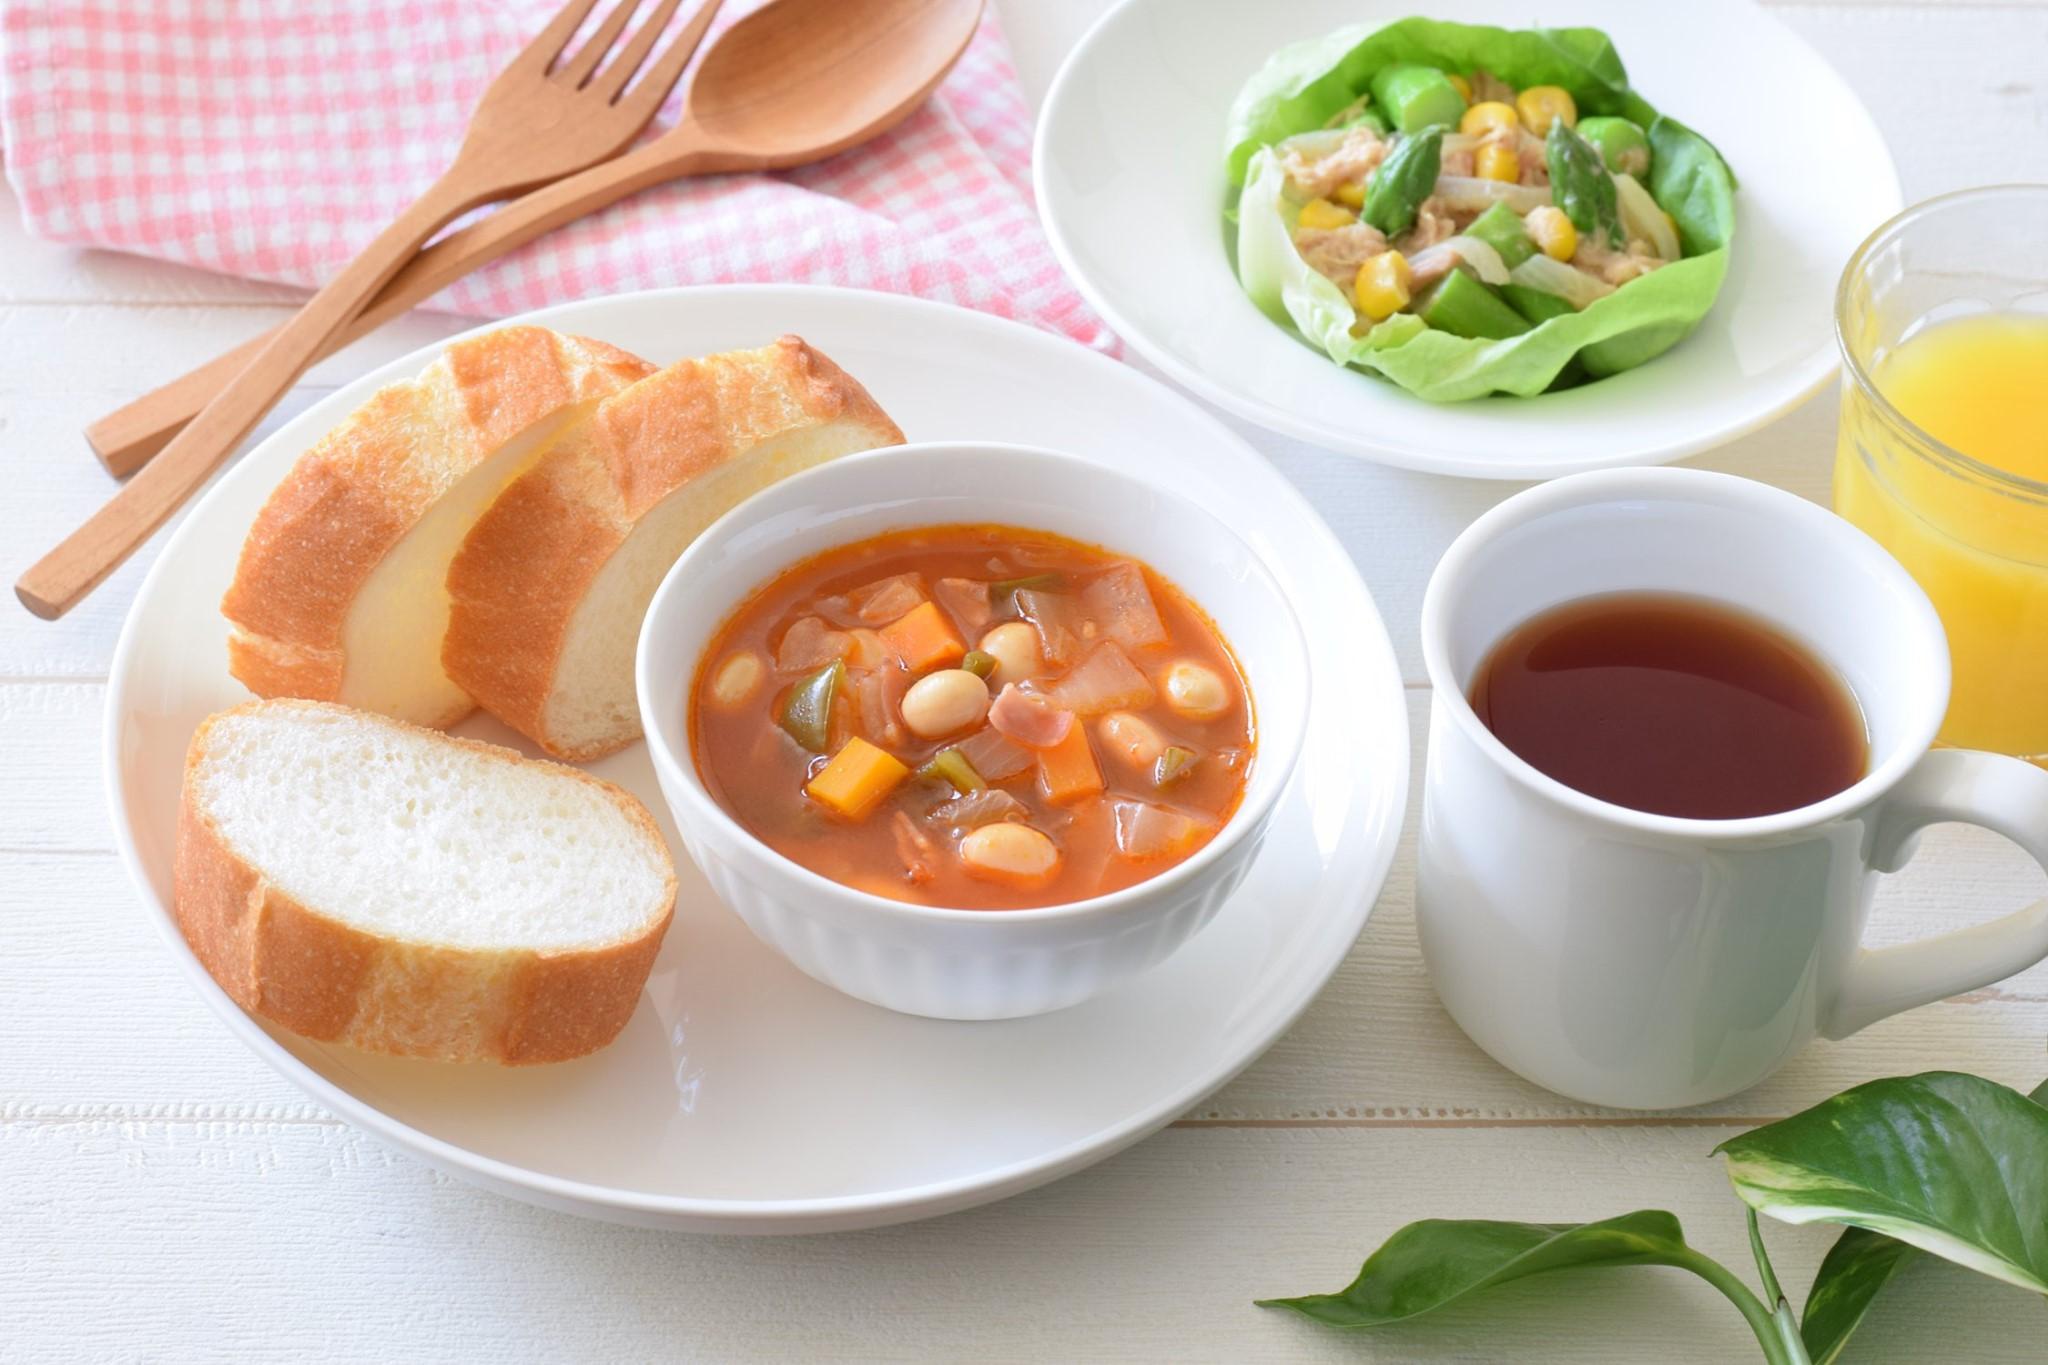 【免疫UP】簡単&リーズナブルな食材で免疫力アップ料理を作る!